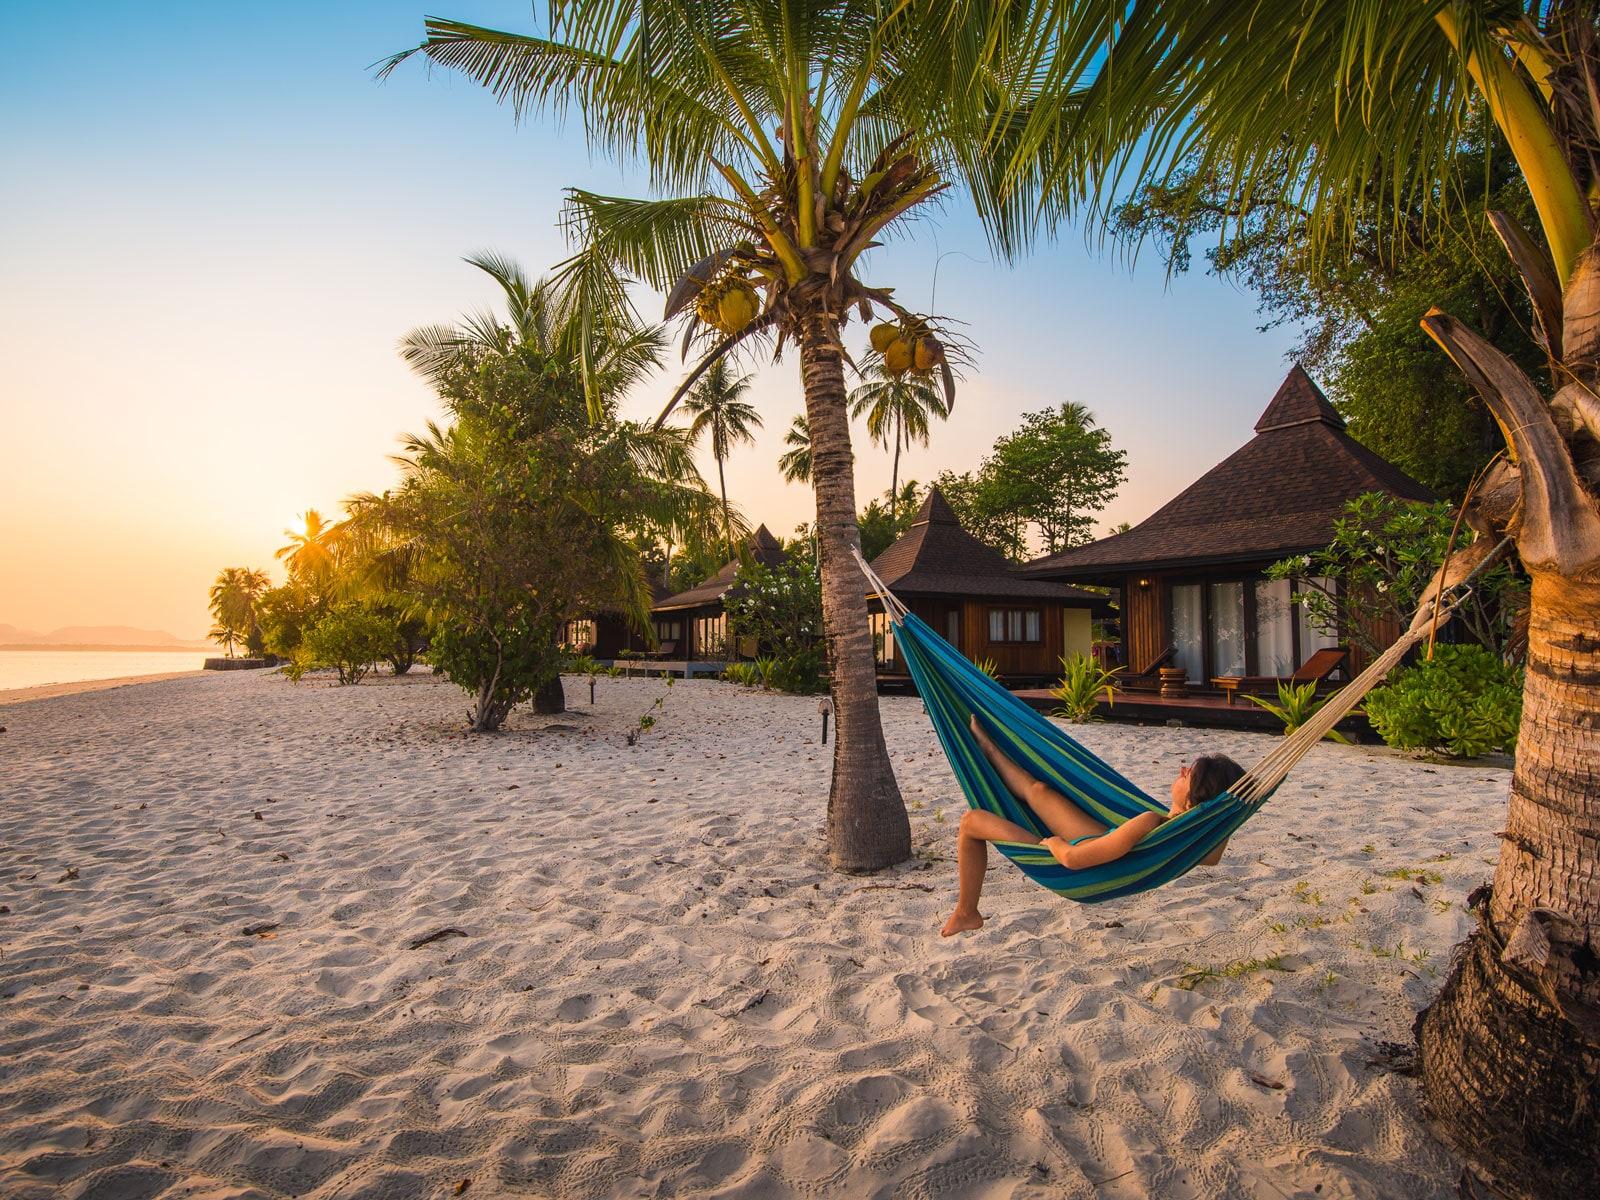 rondreis thailand koh mook 4